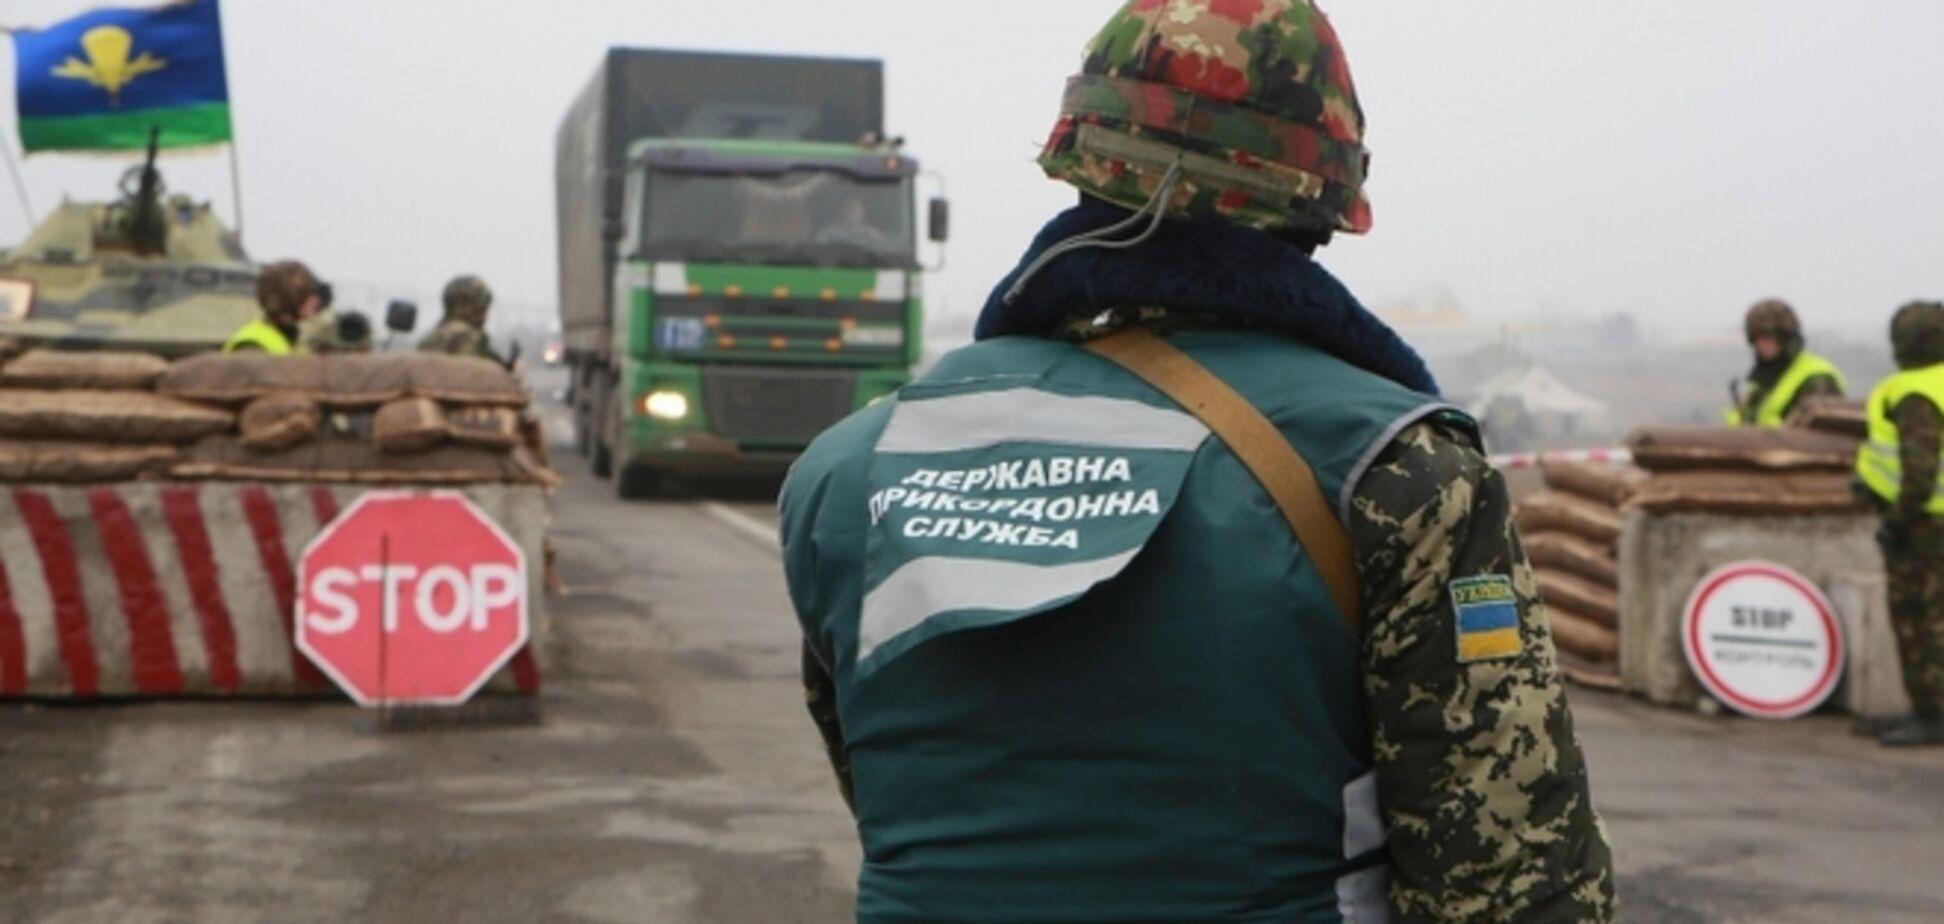 На Луганщине пограничники задержали близкую помощницу 'Стрелка', он угрожает терактами